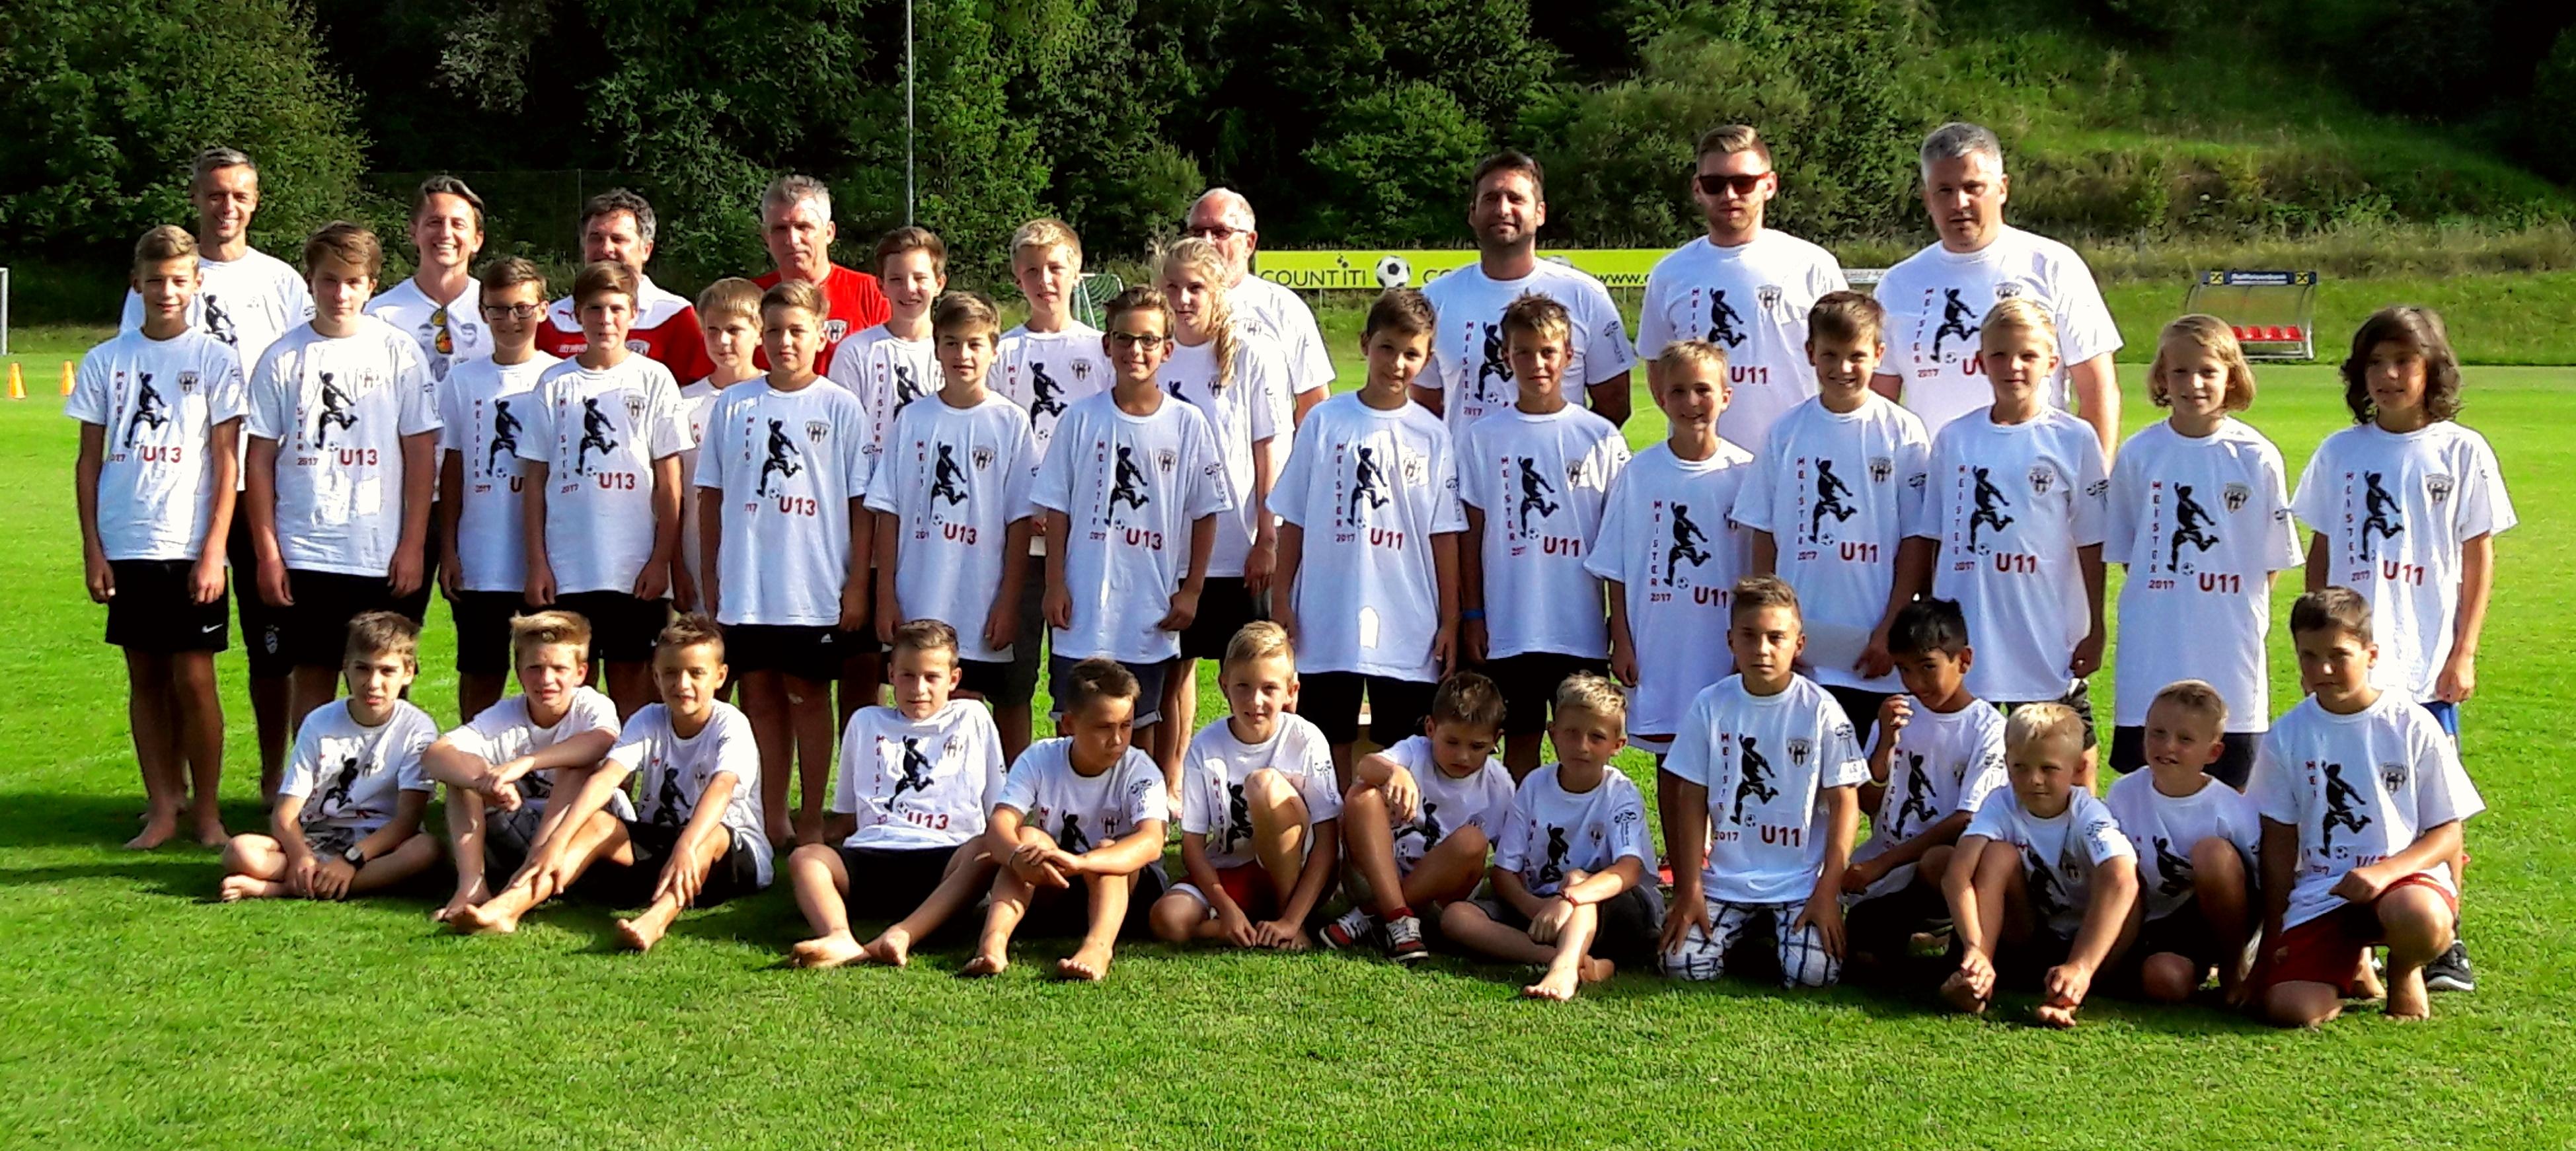 Fußball-Nachwuchs-Abschlussfeier 2017